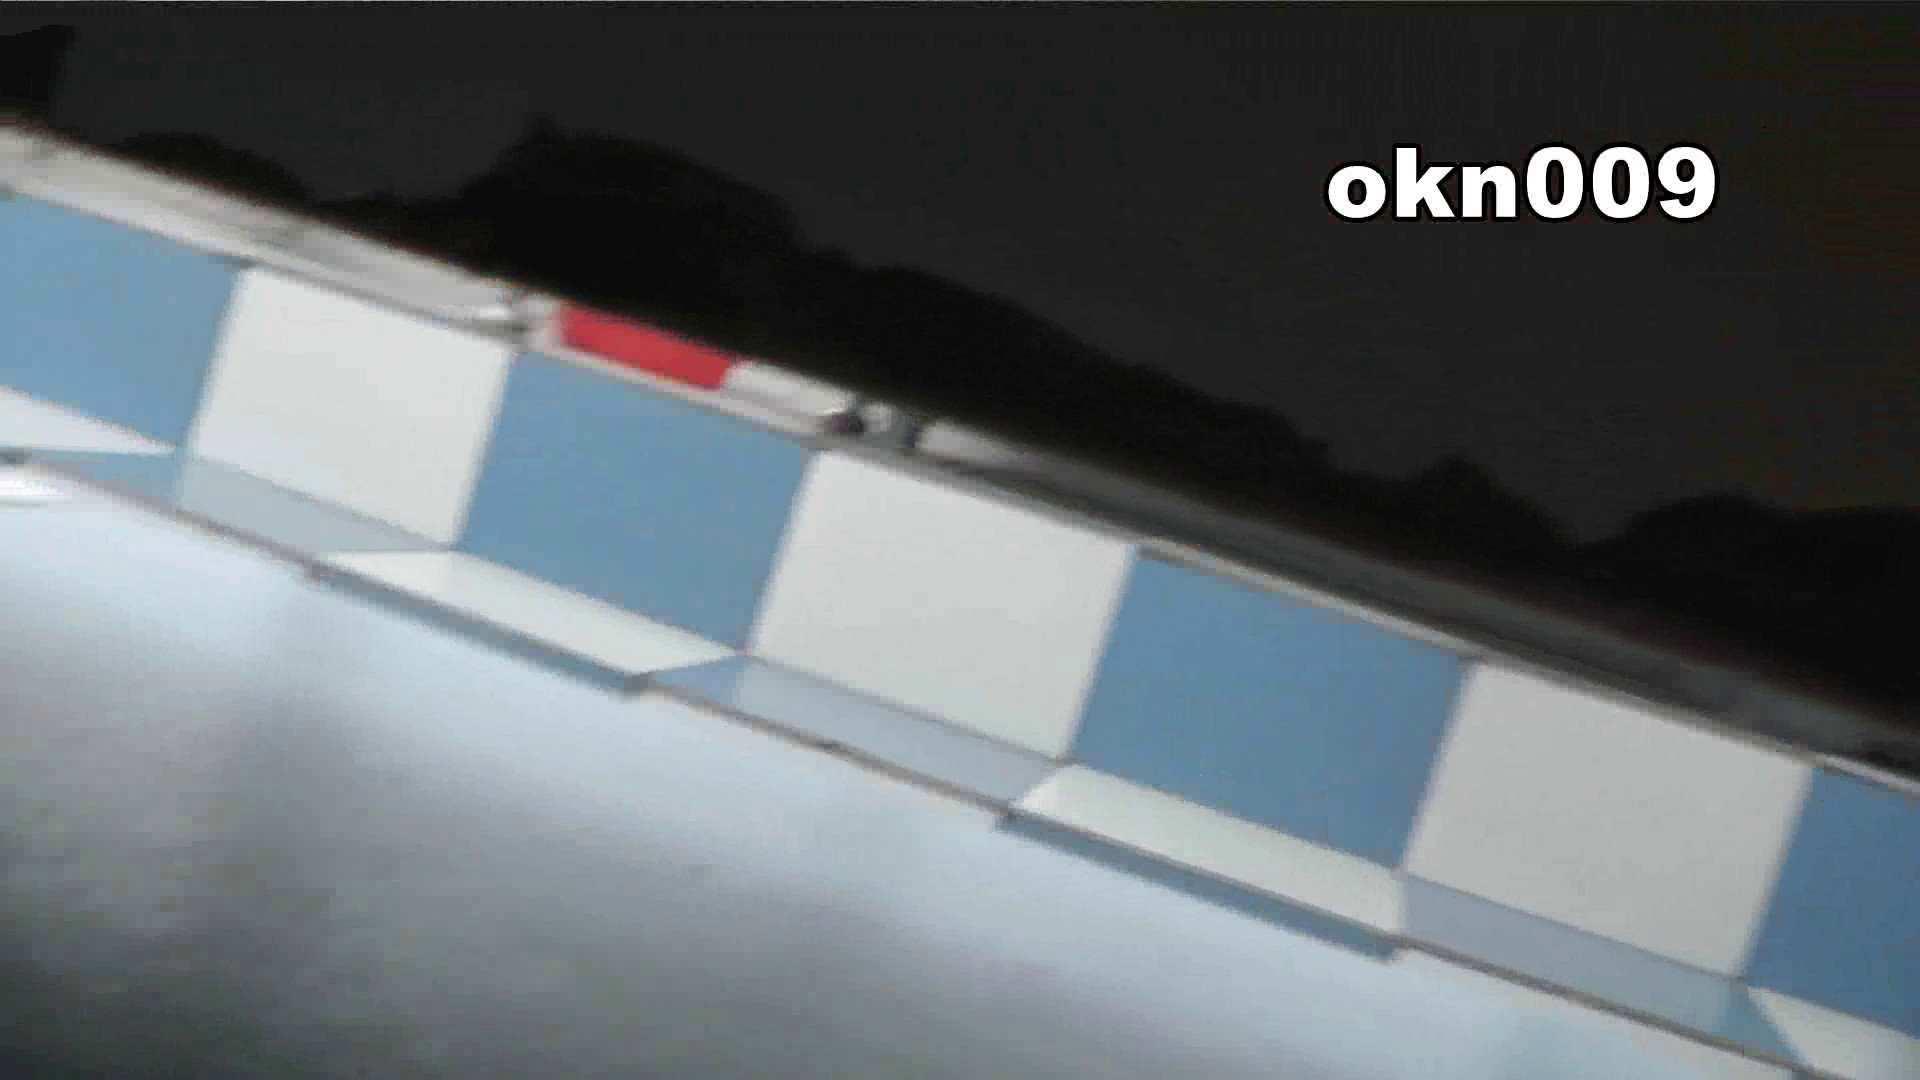 下からノゾム vol.009 リキンでモリアガった割にヒョロ 洗面所 | 丸見えマンコ  55画像 1